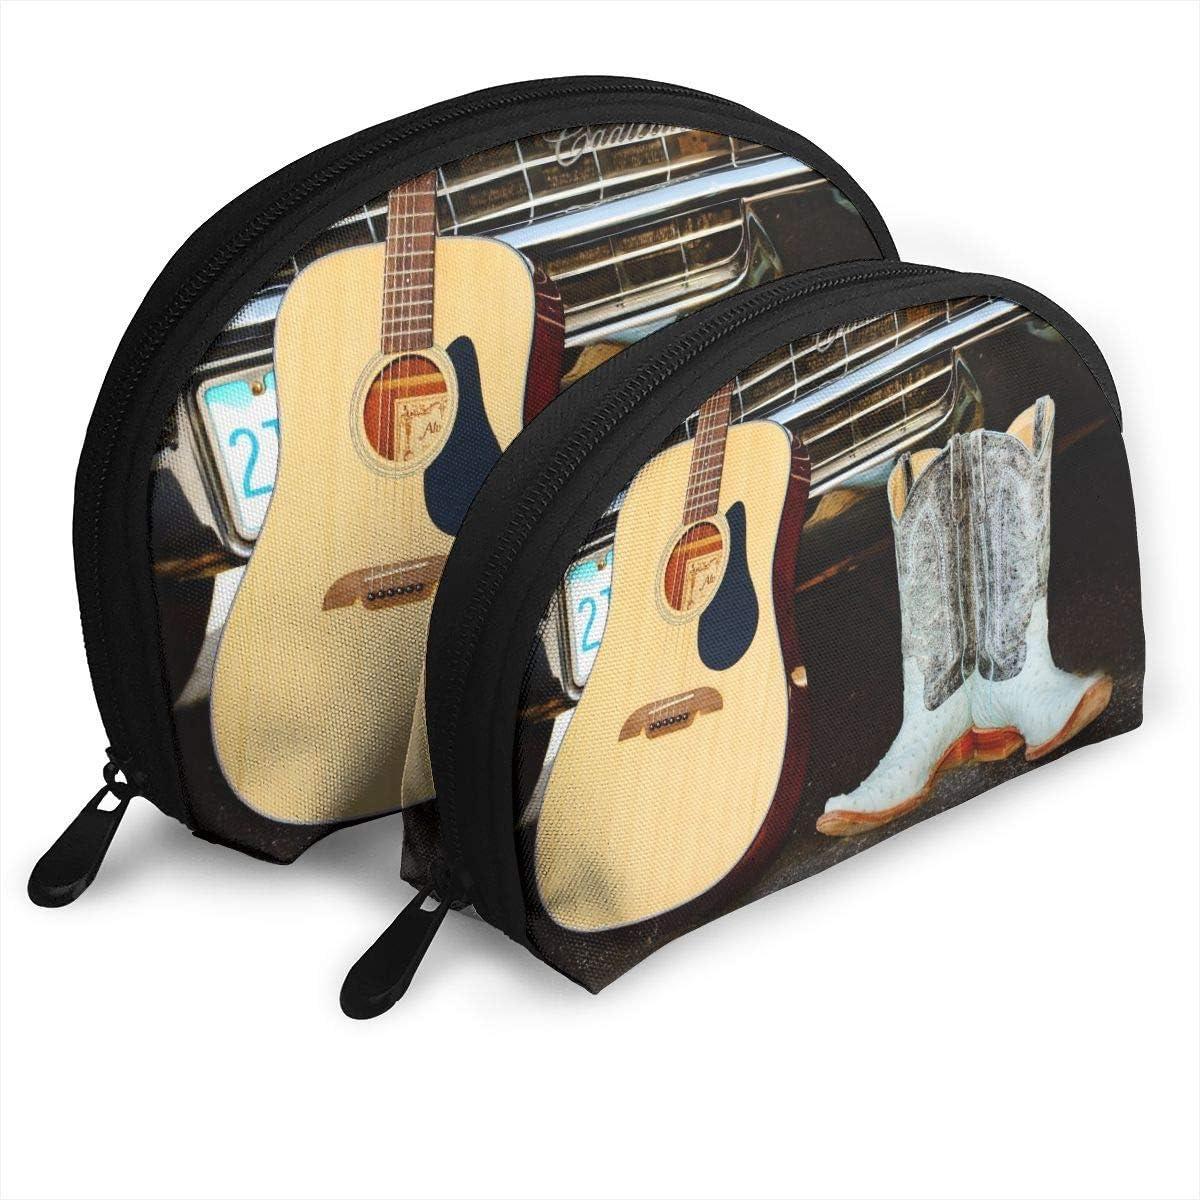 XCNGG Botas de vaquero Bolsa de almacenamiento de guitarra Monedero Bolsa de almacenamiento de viaje cosmético Uno grande y uno pequeño 2 piezas Papelería Lápiz Bolsa multifunción Cartera para niños E